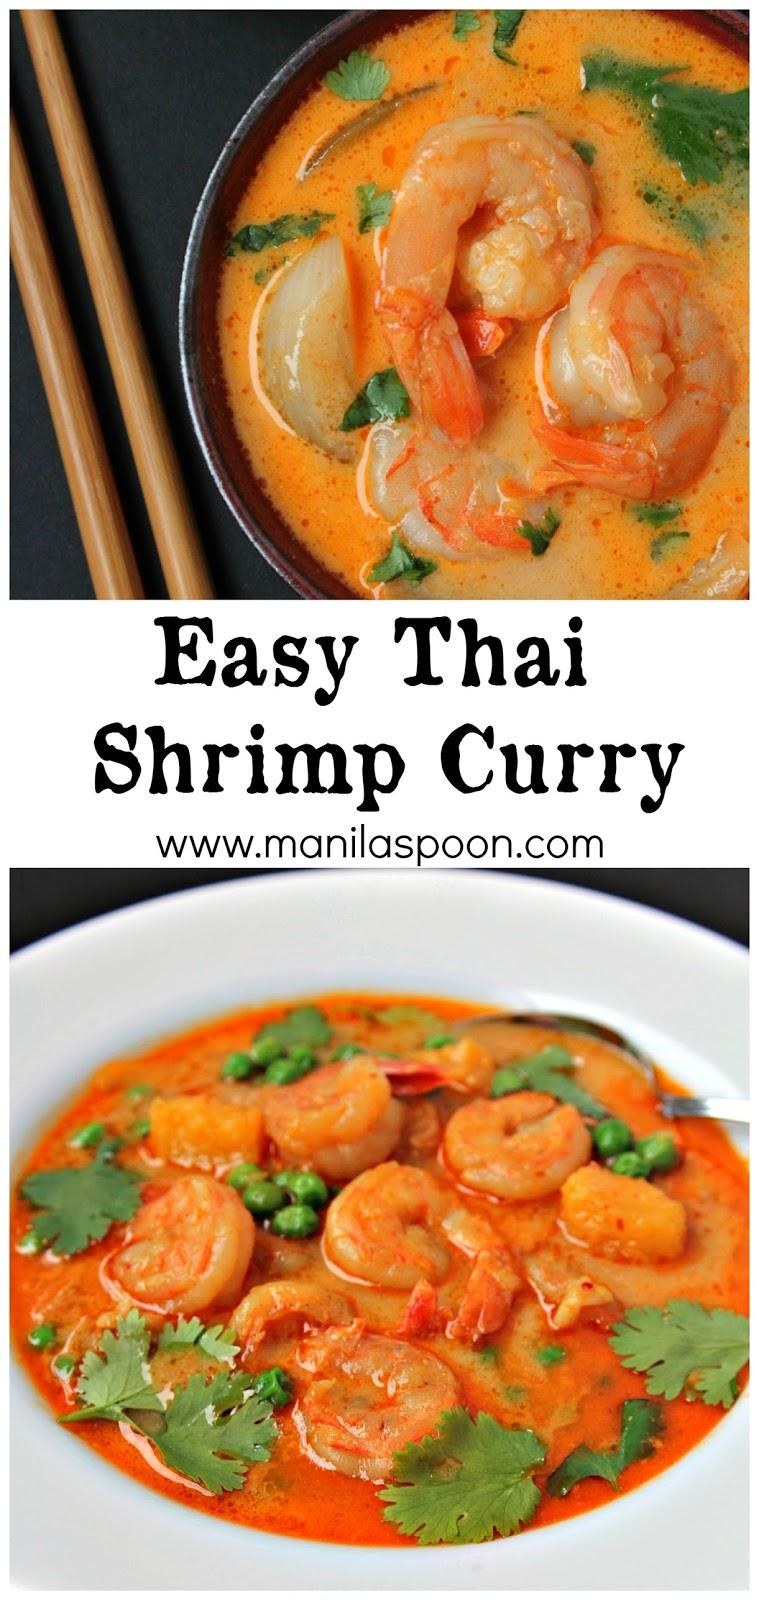 Easy Thai Shrimp Curry | Manila Spoon